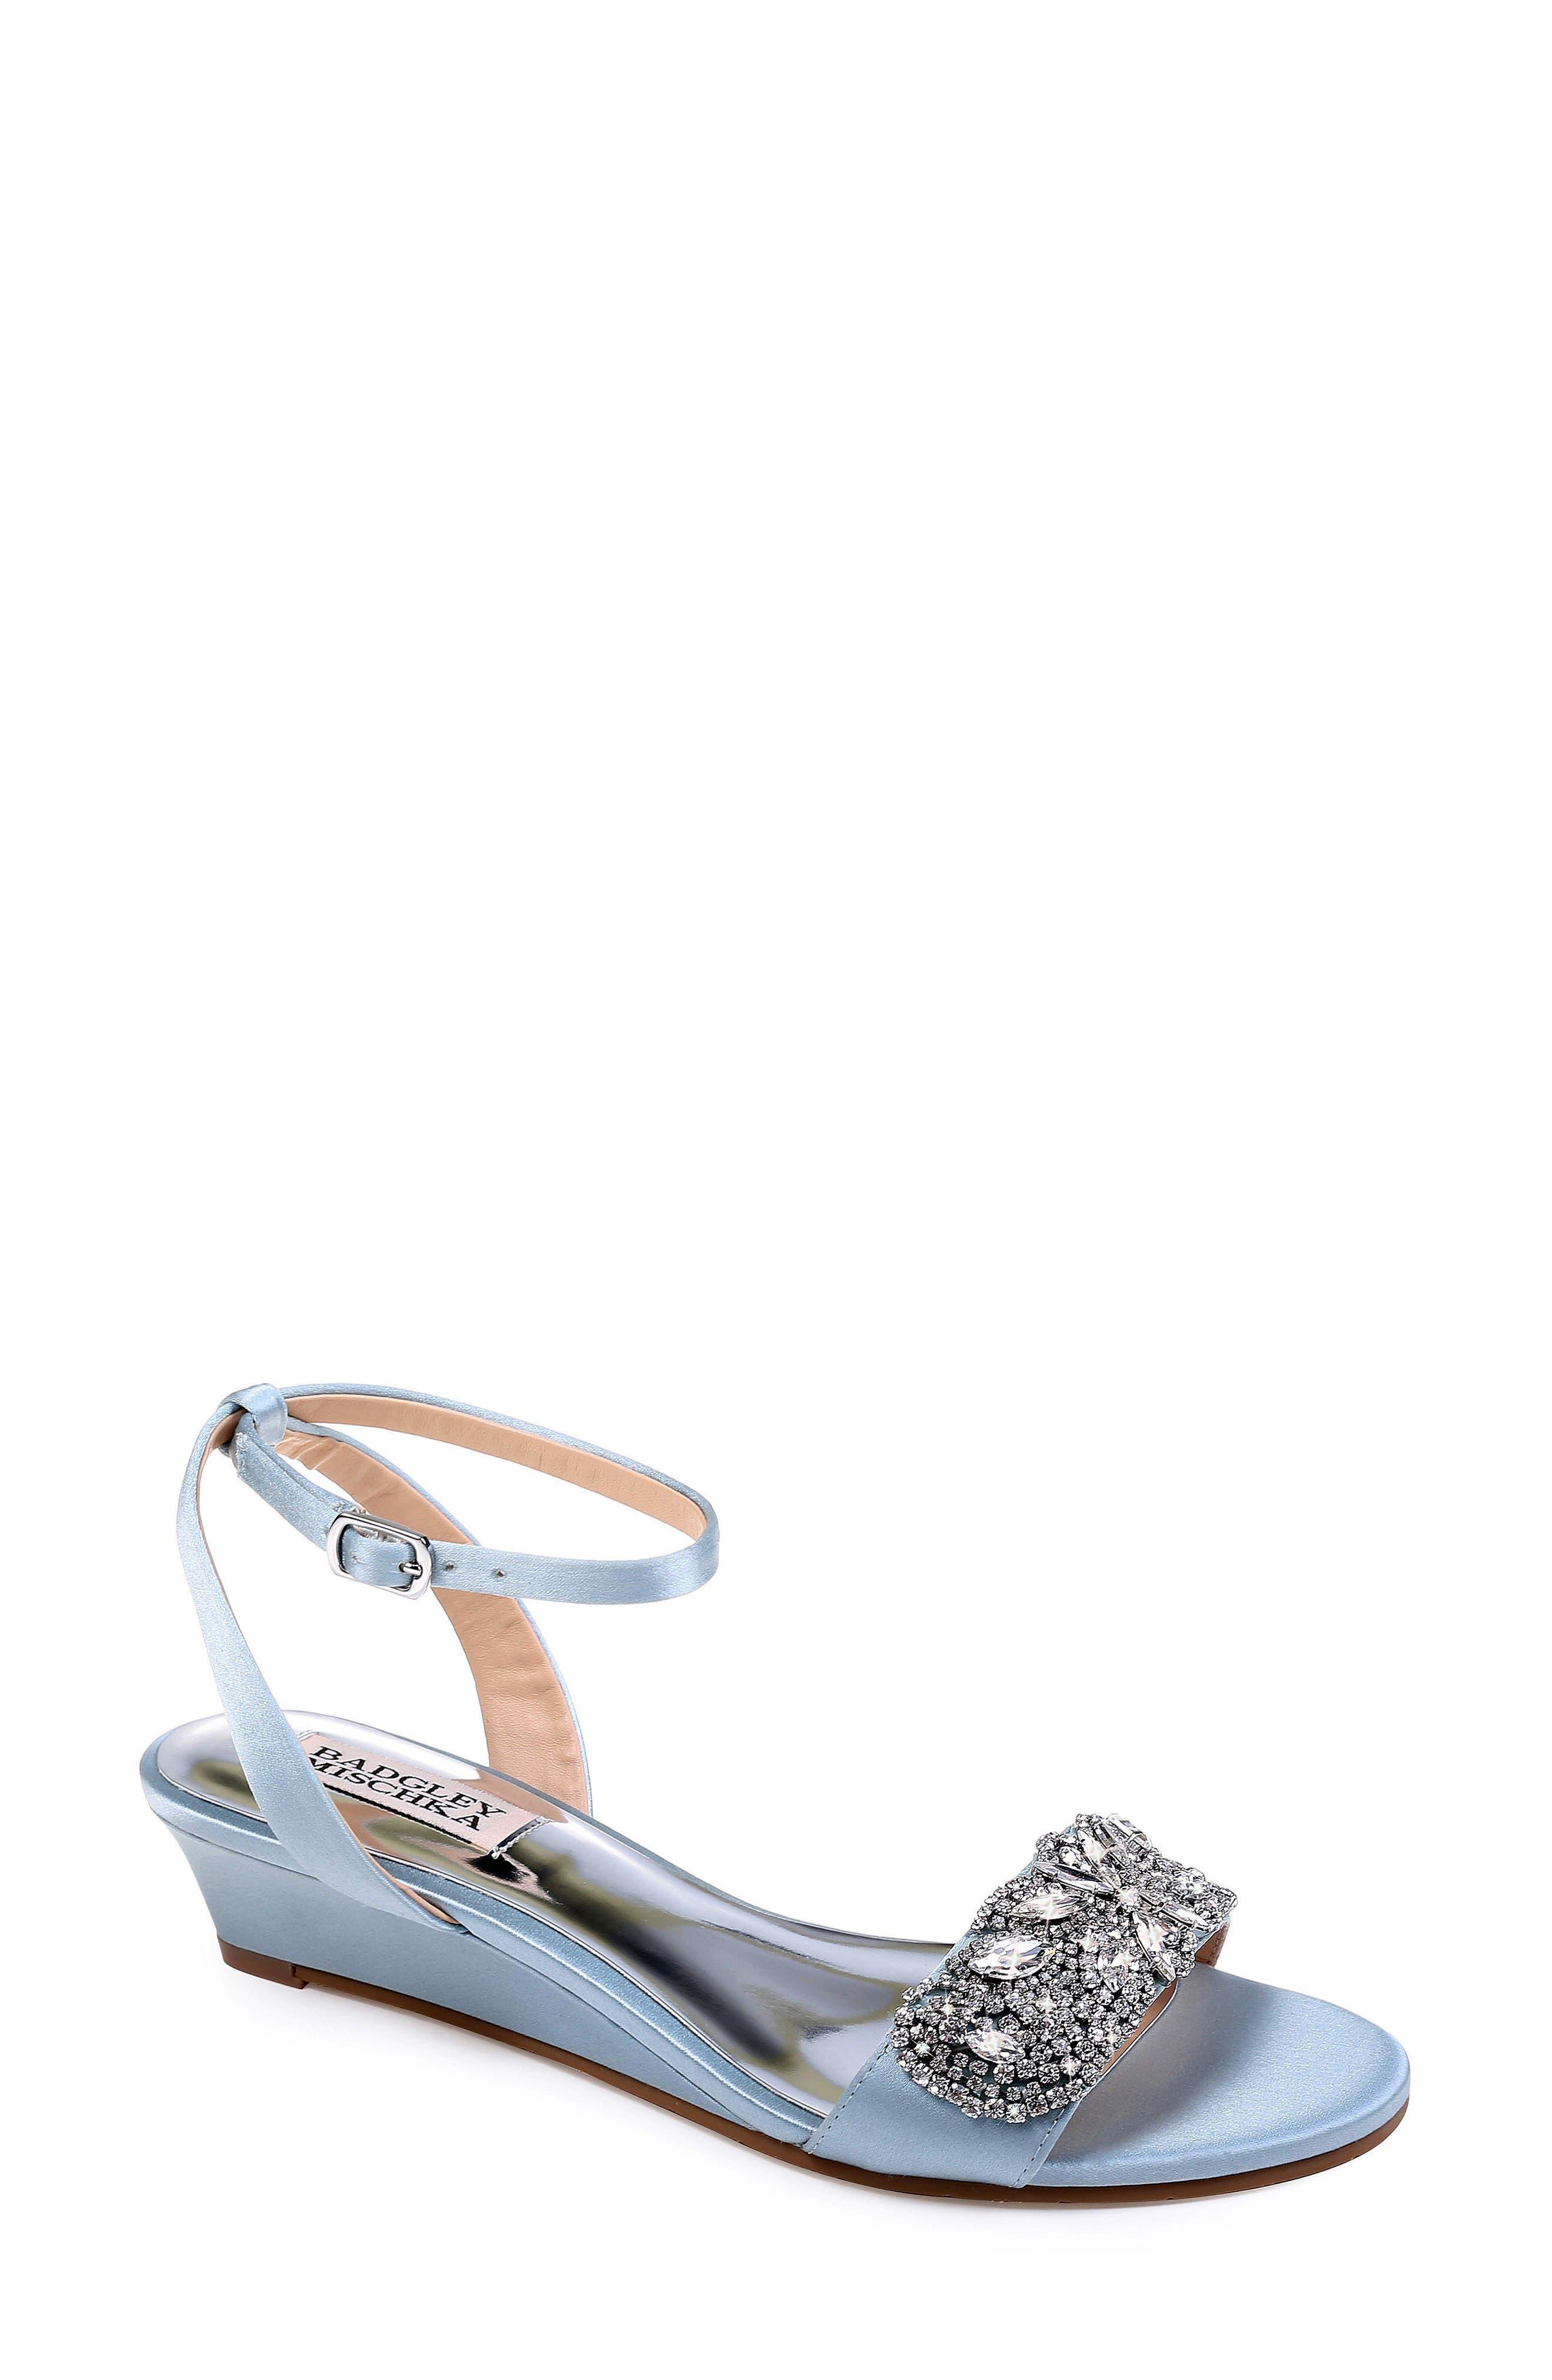 Badgley Mischka Women's Hatch Crystal Embellished Sandal JP50v1MRpY